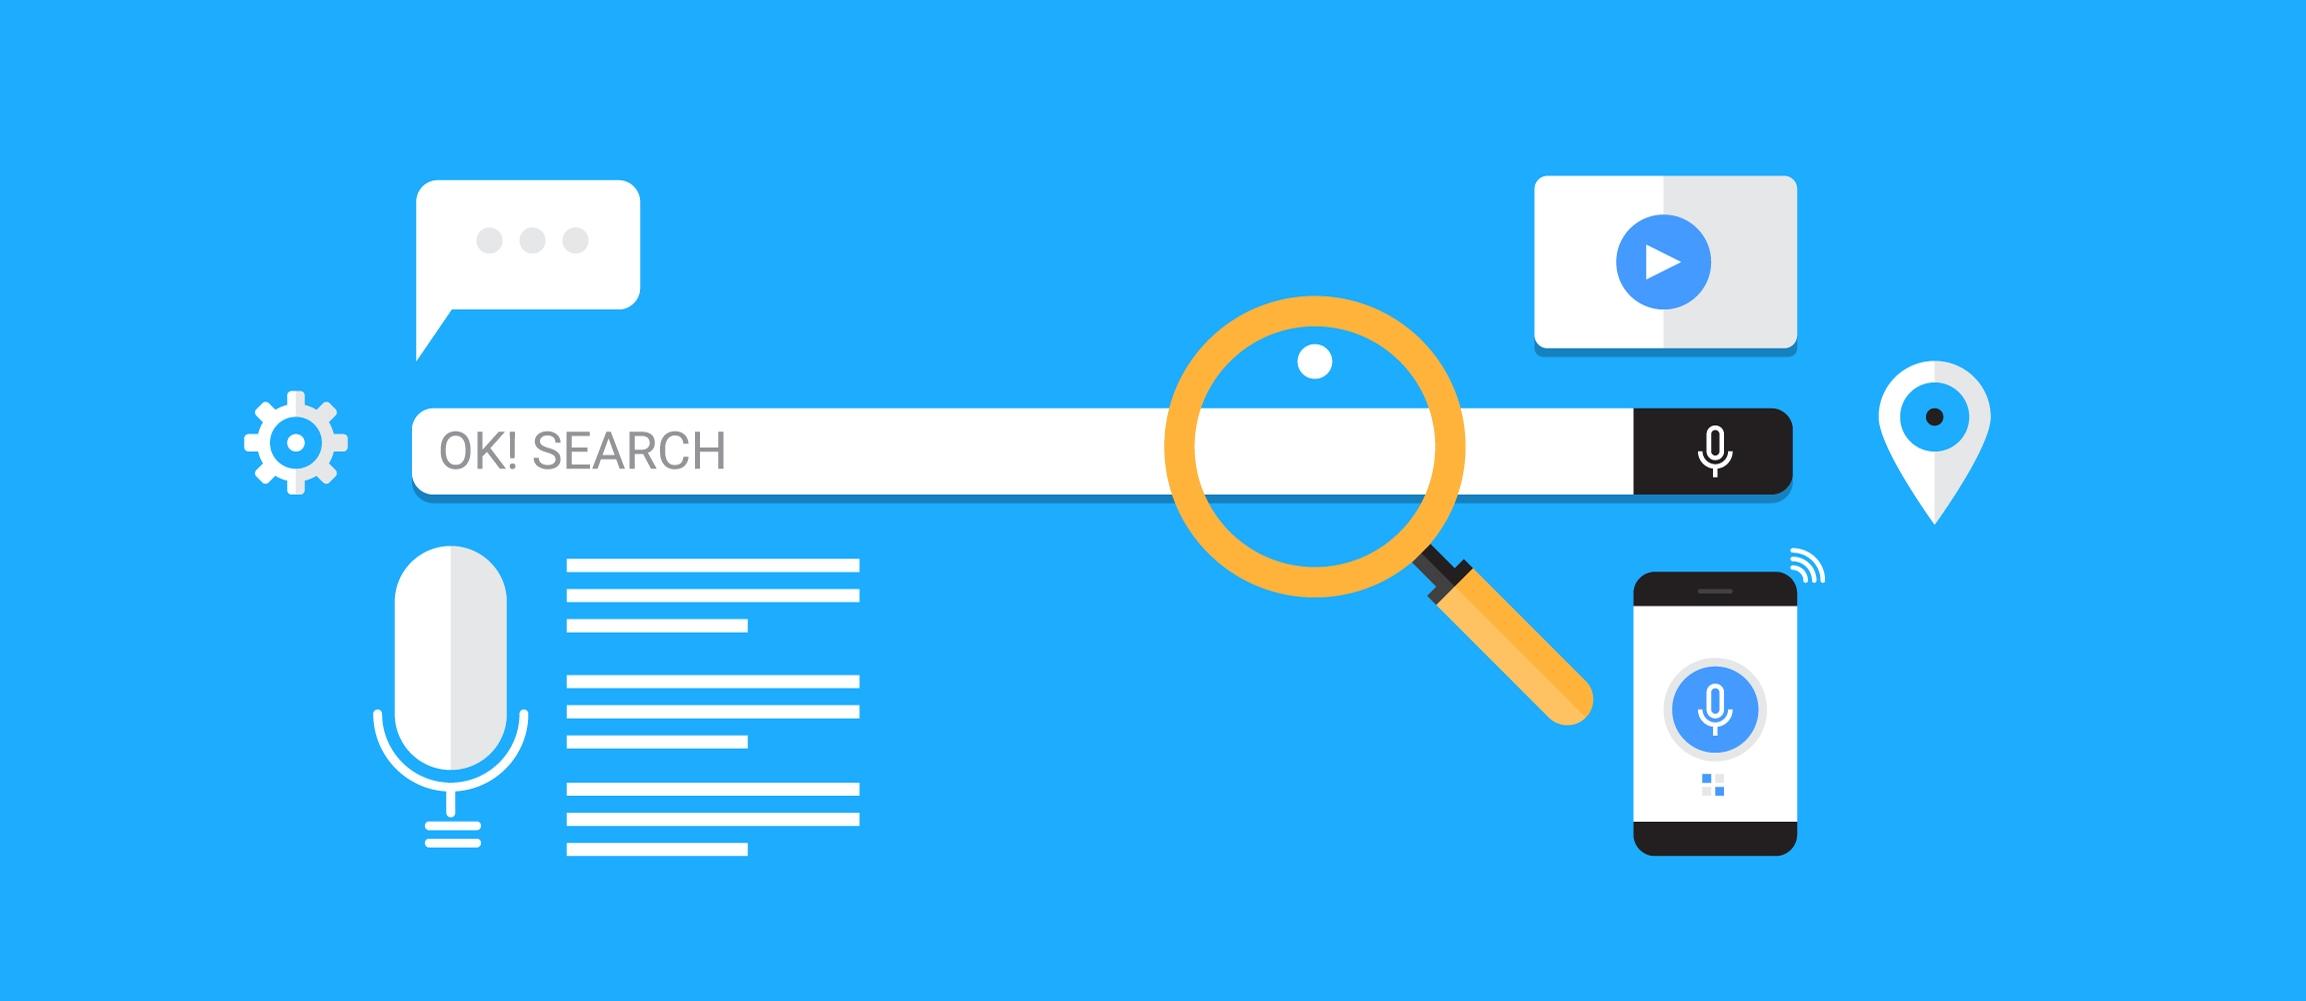 оптимизация сайта для голосового поиска